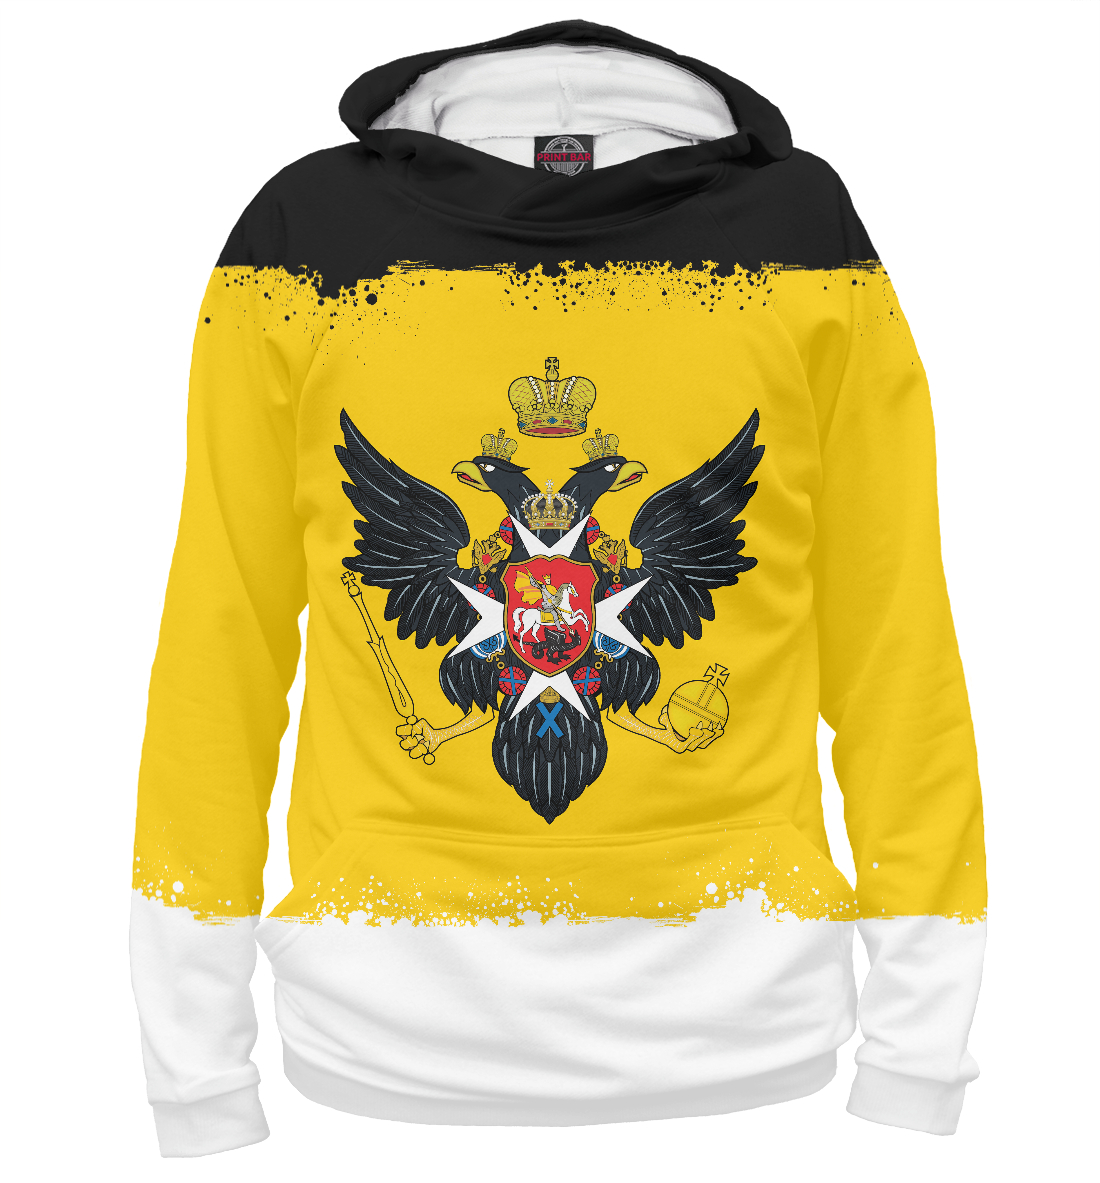 Фото - Флаг Российской Империи 1799 дмитрий литвин настоящий флаг российской империи – бело жёлто чёрный брошюра настоящий имперский флаг российской империи